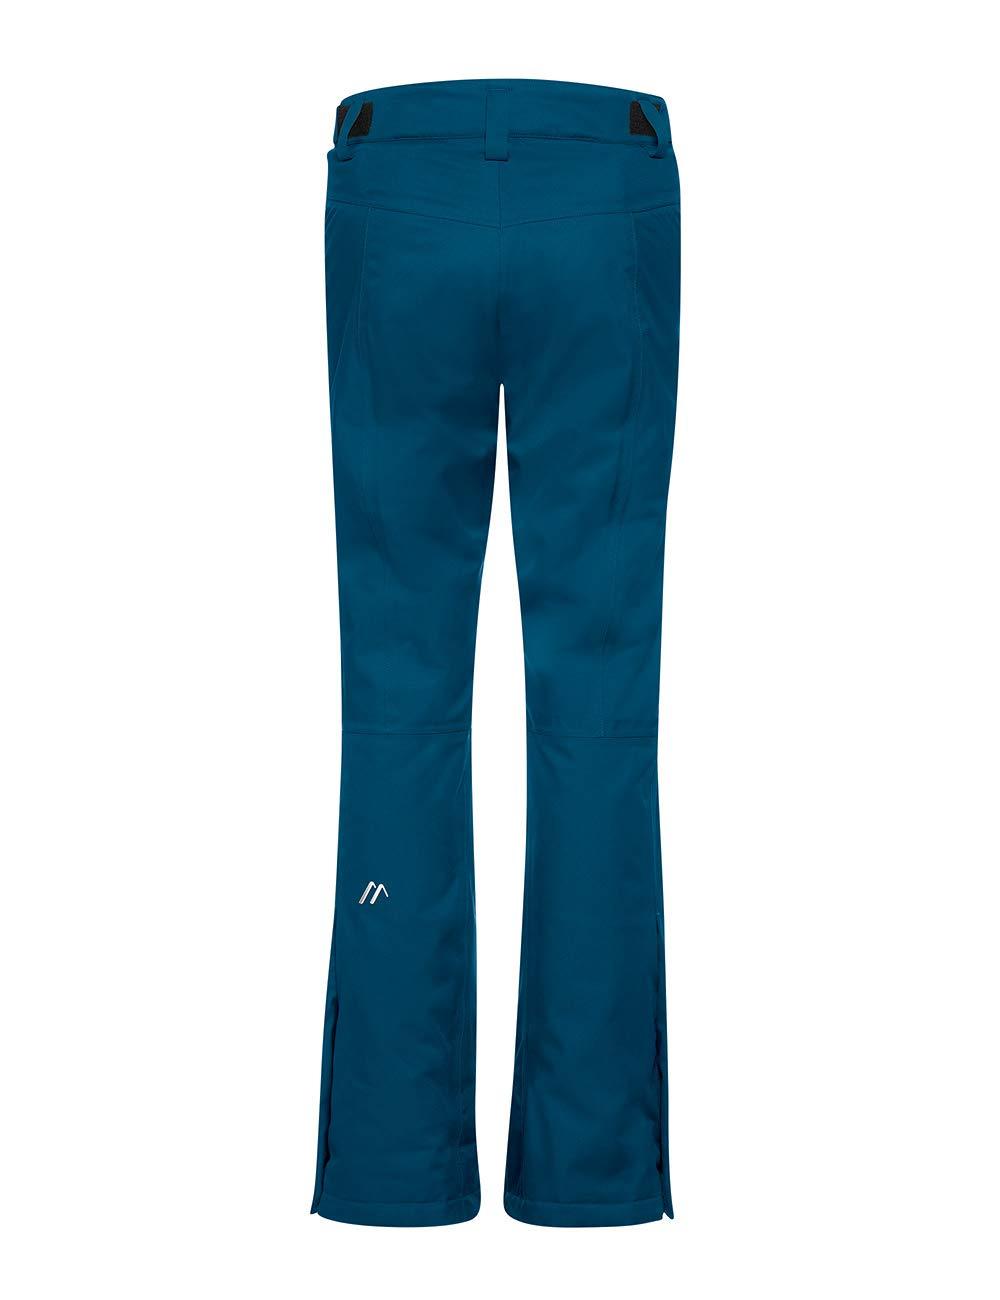 Maier Sports Damen Ronka Skihose Skihose Skihose B07DVYZNM3 Hosen Sehr gelobt und vom Publikum der Verbraucher geschätzt de8115